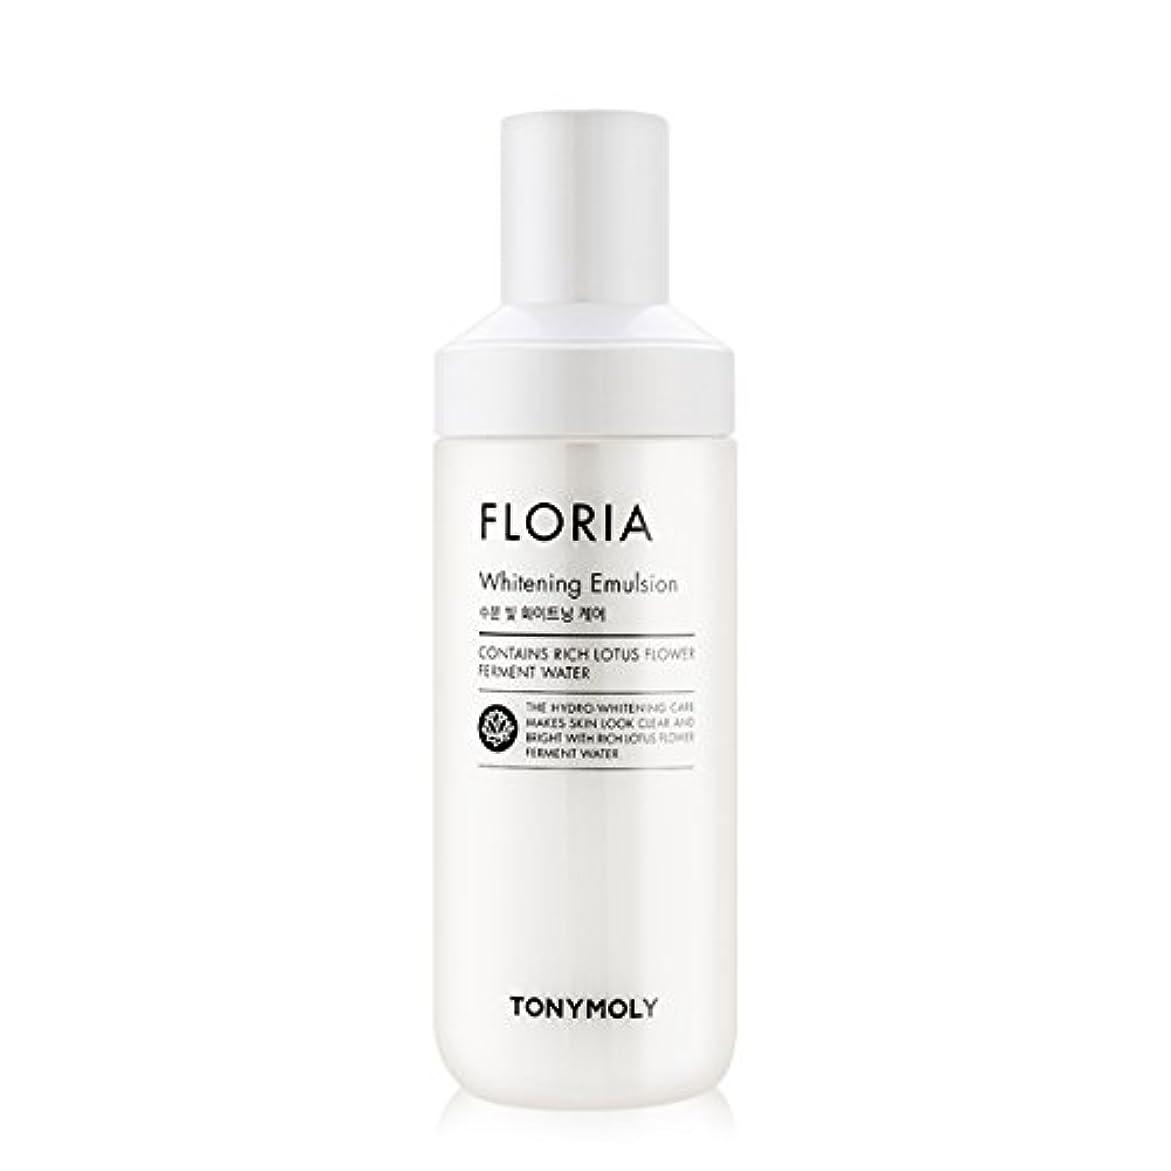 カタログシャトル生活[2016 New] TONYMOLY Floria Whitening Emulsion 160ml/トニーモリー フロリア ホワイトニング エマルジョン 160ml [並行輸入品]